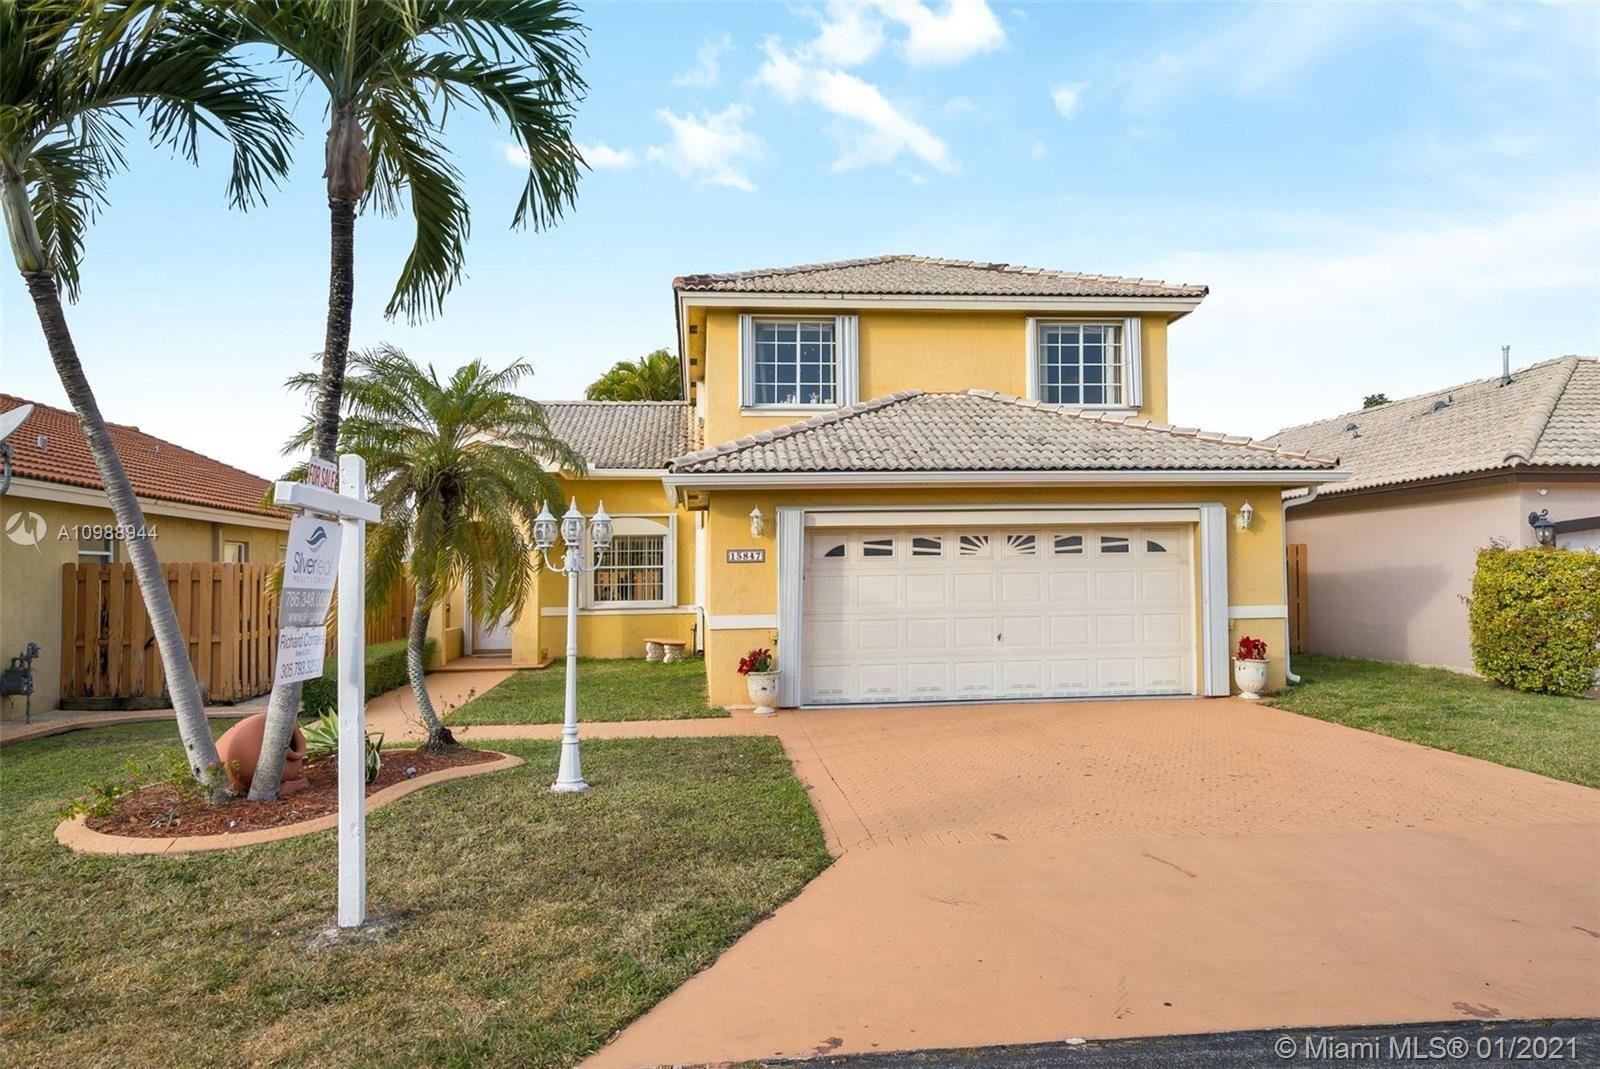 15847 SW 85th Ln, Miami, FL 33193 - #: A10988944